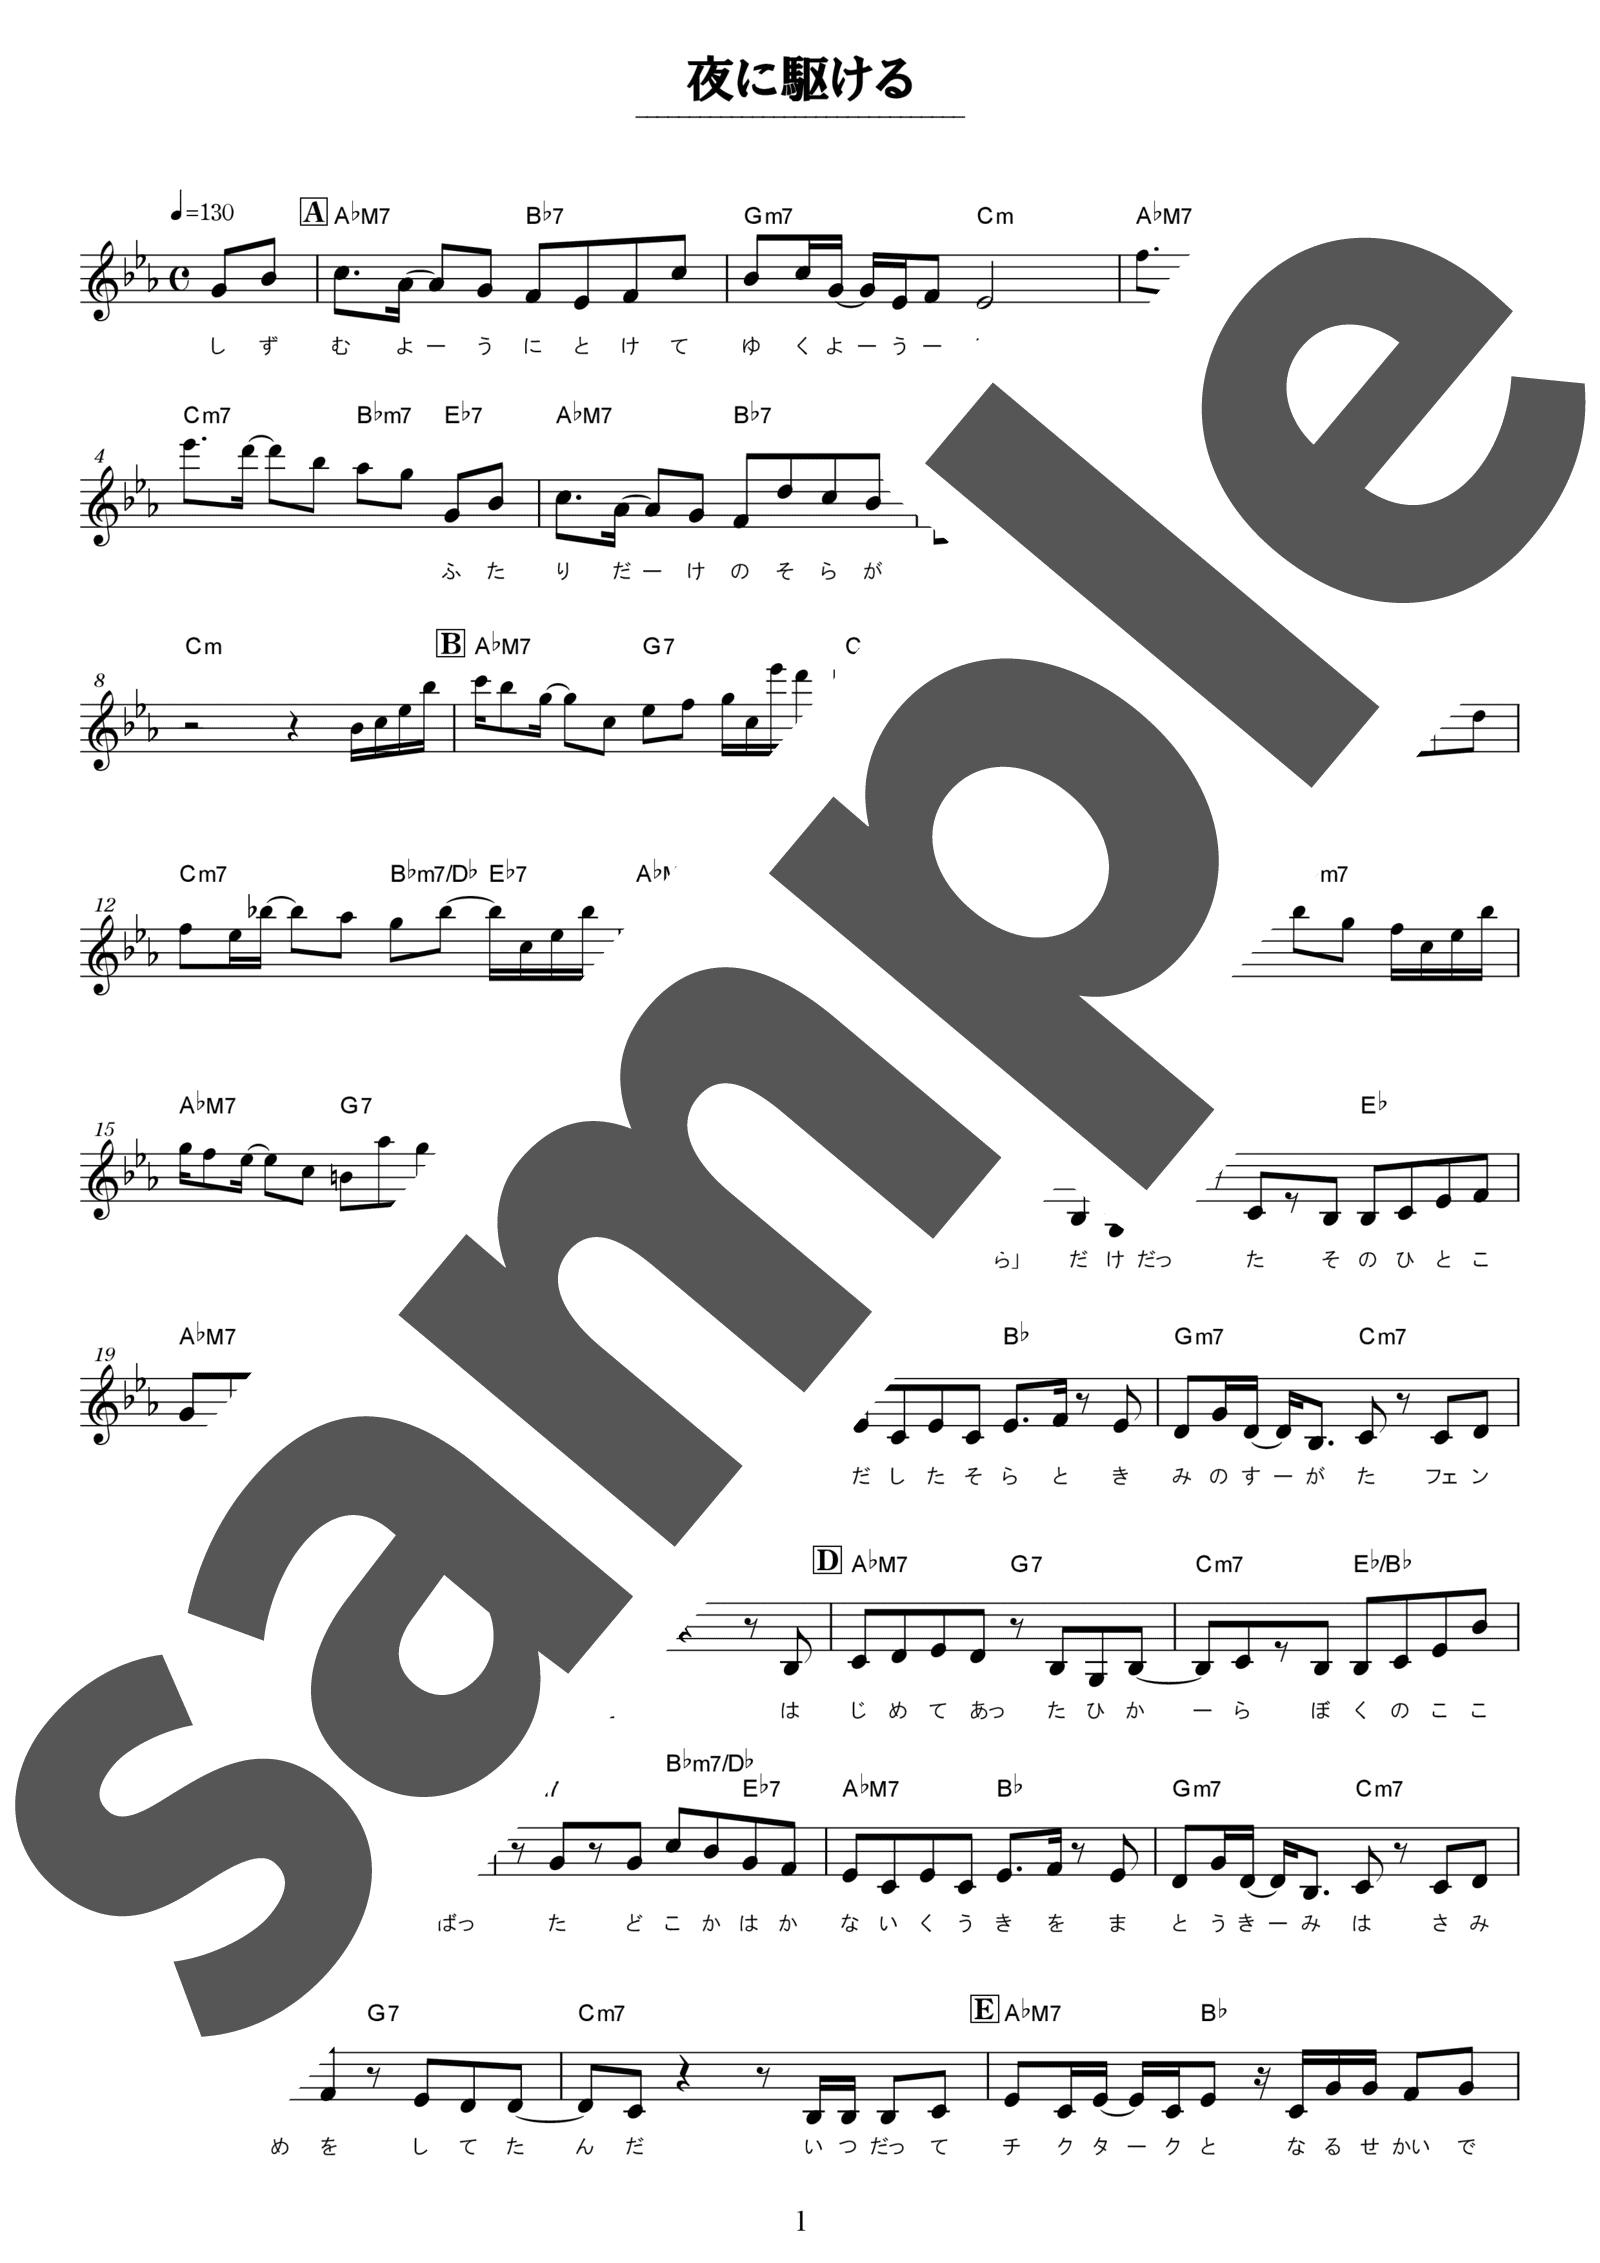 メロディ譜】夜に駆ける / YOASOBI - 楽譜アプリ フェアリー